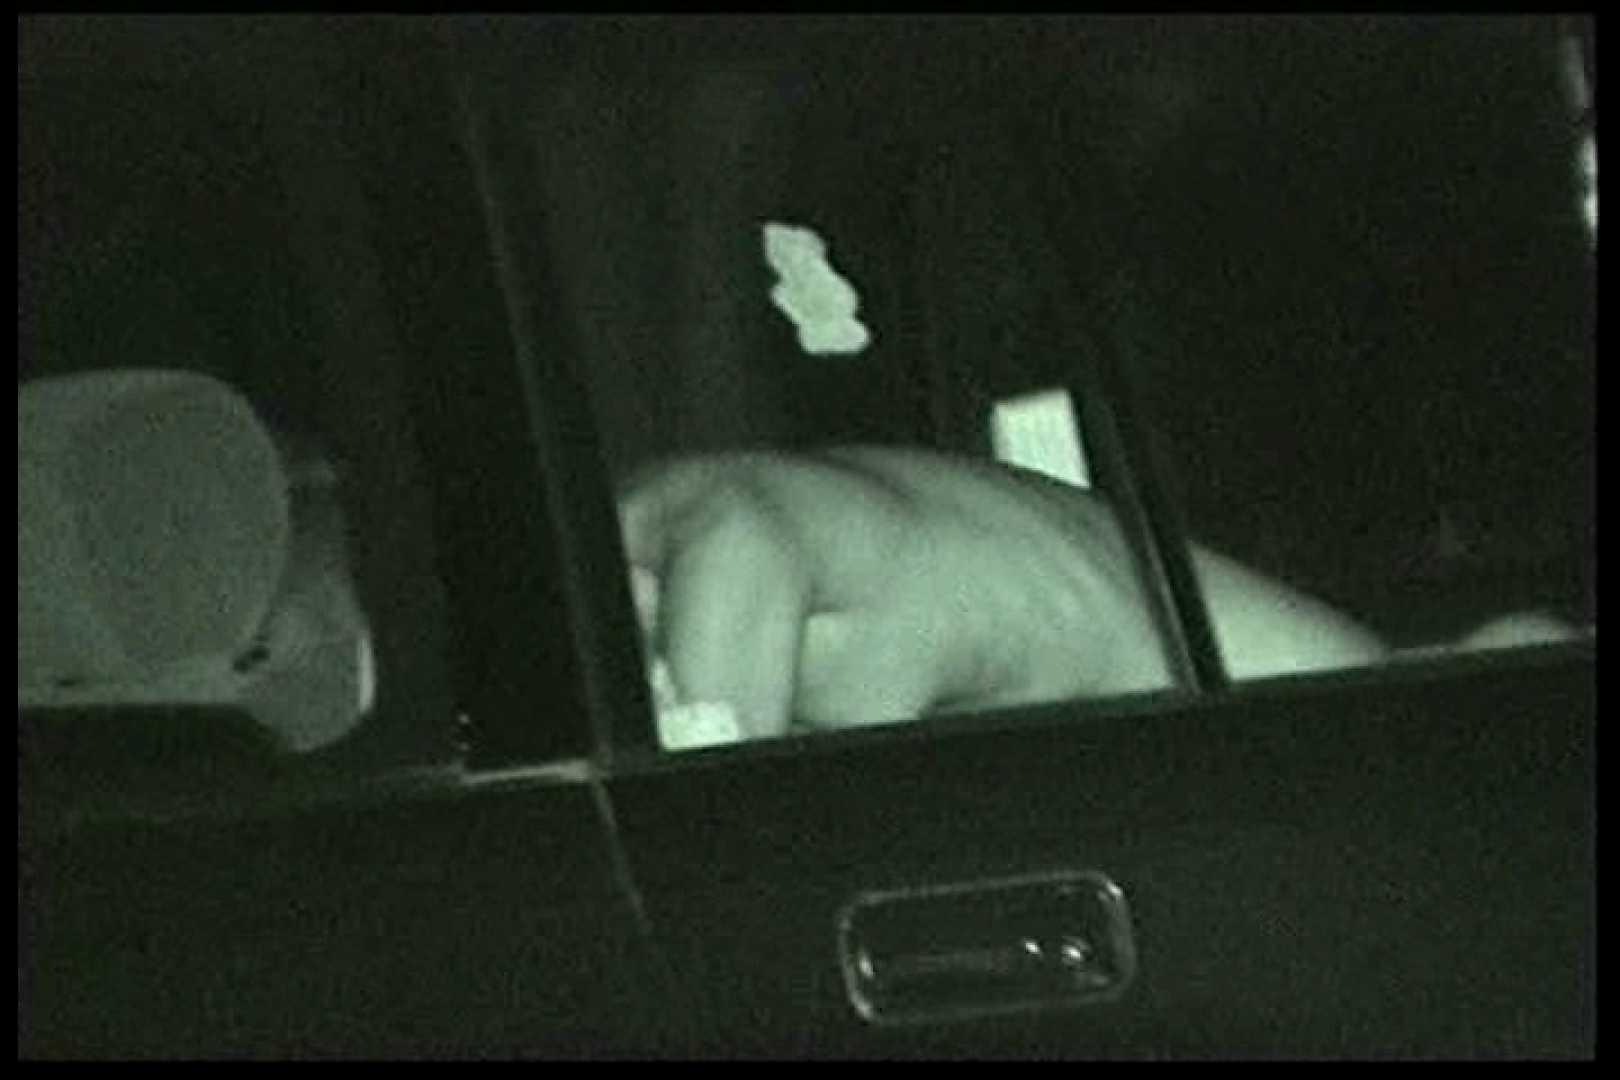 車の中はラブホテル 無修正版  Vol.14 OLセックス 盗撮オメコ無修正動画無料 100画像 26